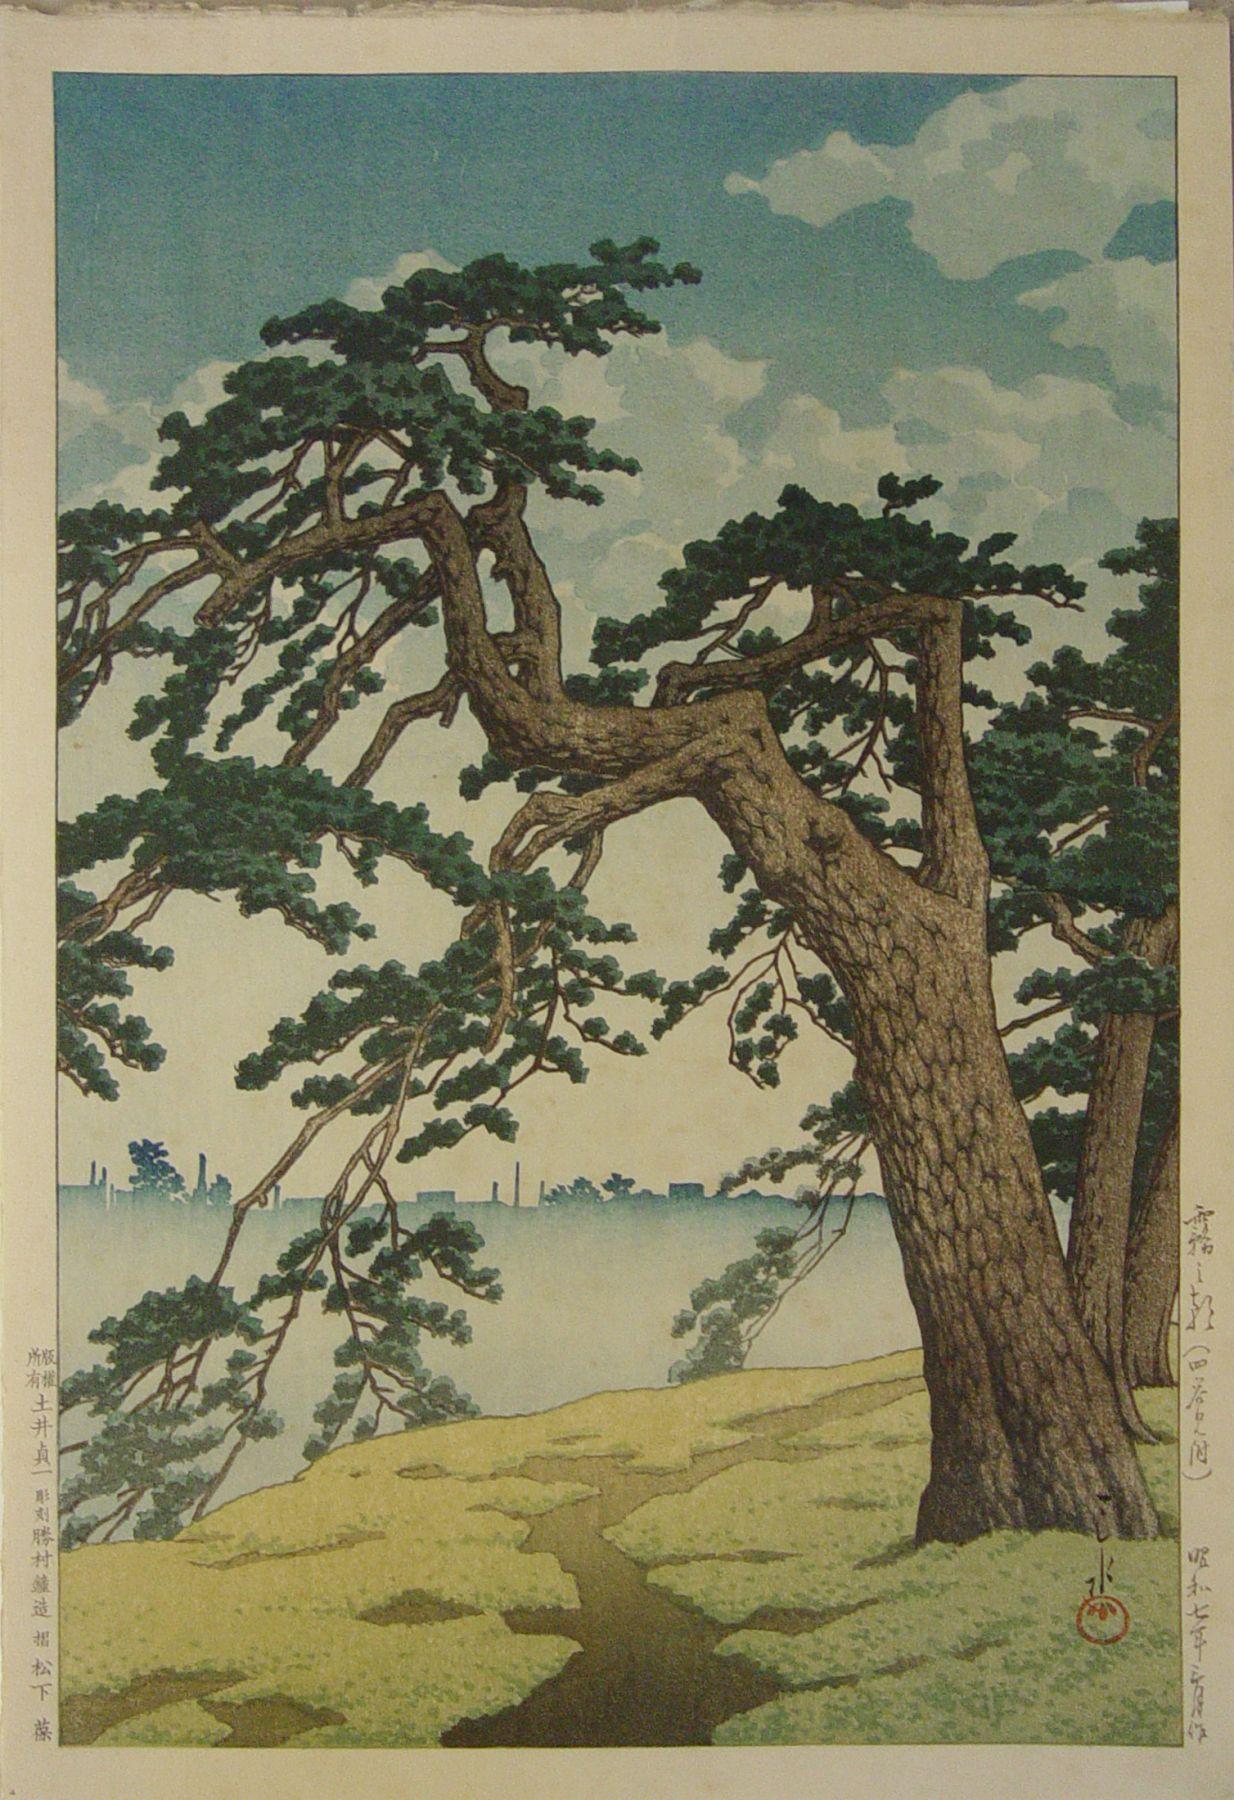 Kawase Hasui (1883-1957), (Pine tree) Yotsuyametsuke, kiri no asa